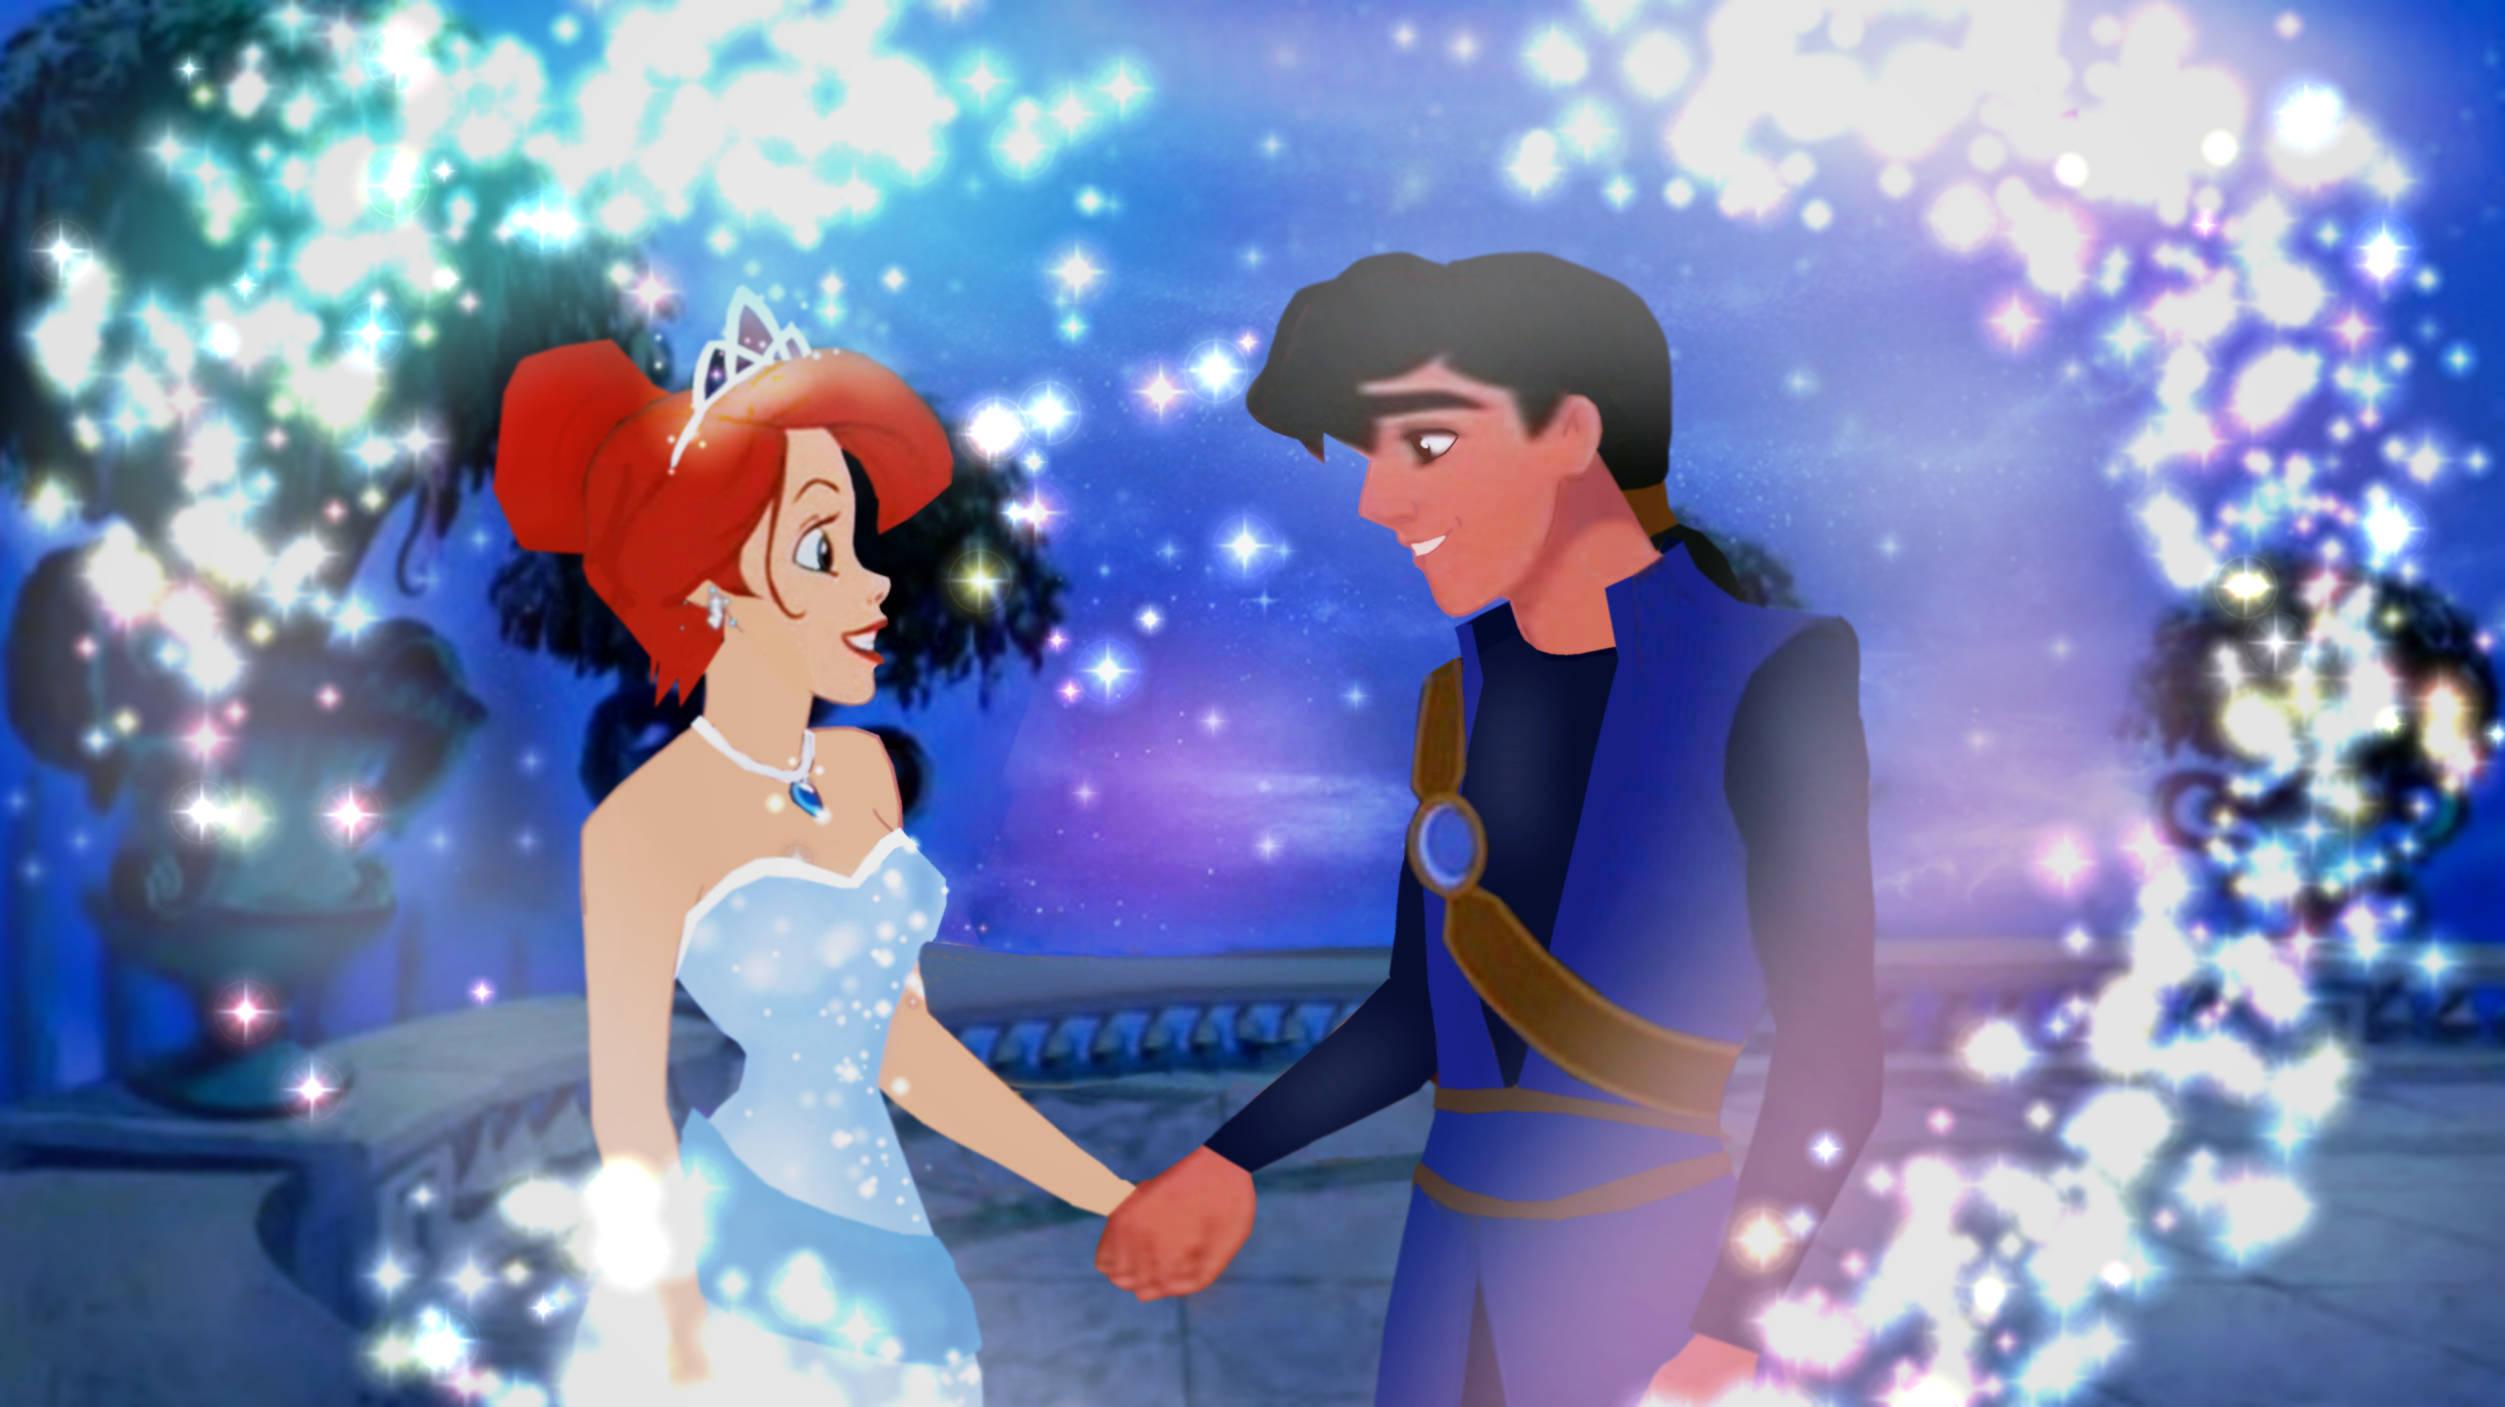 prince Aladdin and princess Ariel